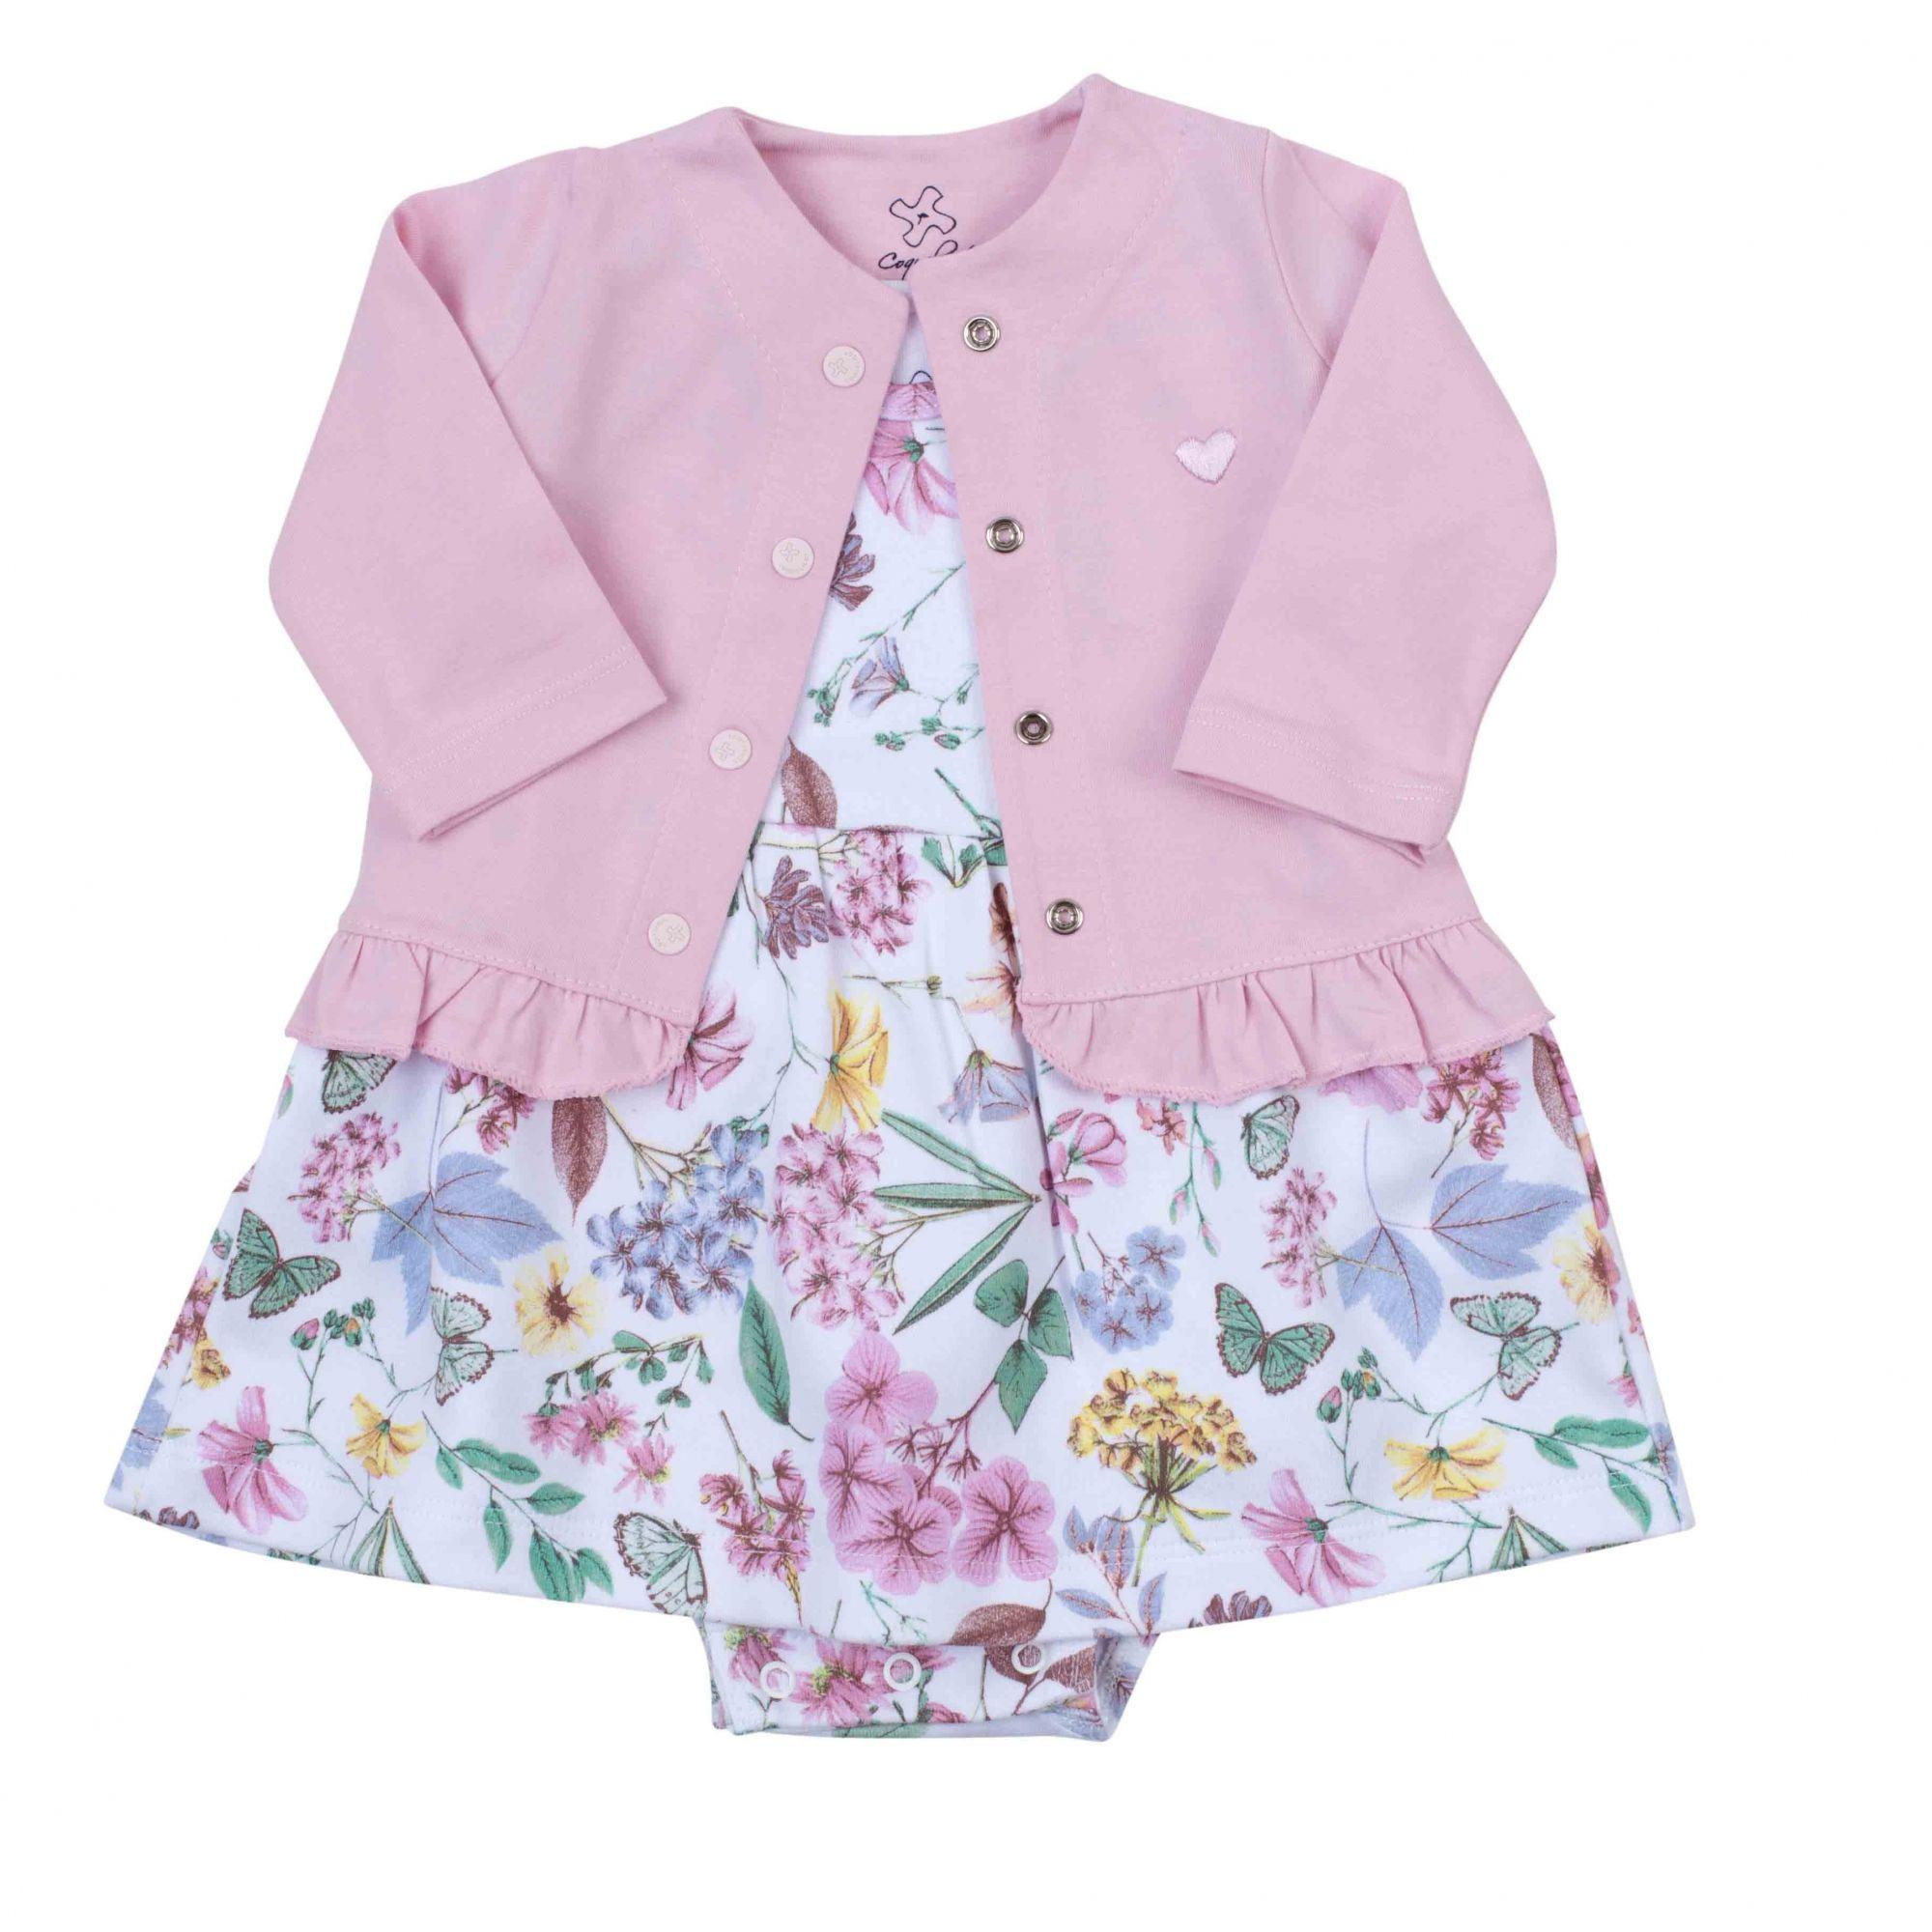 Vestido Body Coquelicot  com casaco babado Floral/Rosa 2 pçs / Tamanho 6 a 9 meses